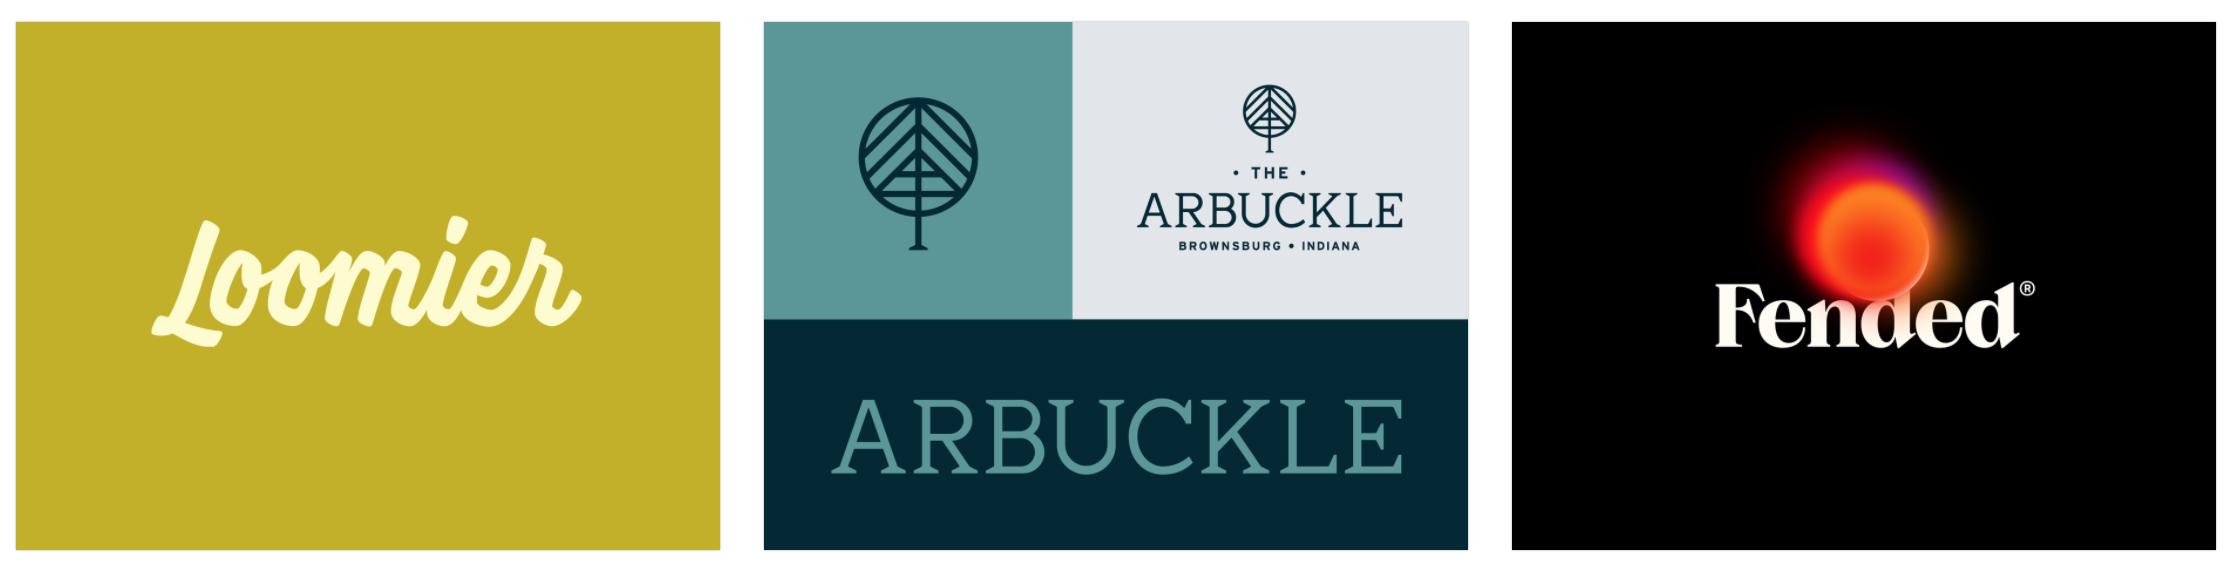 Loomier 로고 타입,  Arbuckle Branding,  Fended'20 로고 디자인